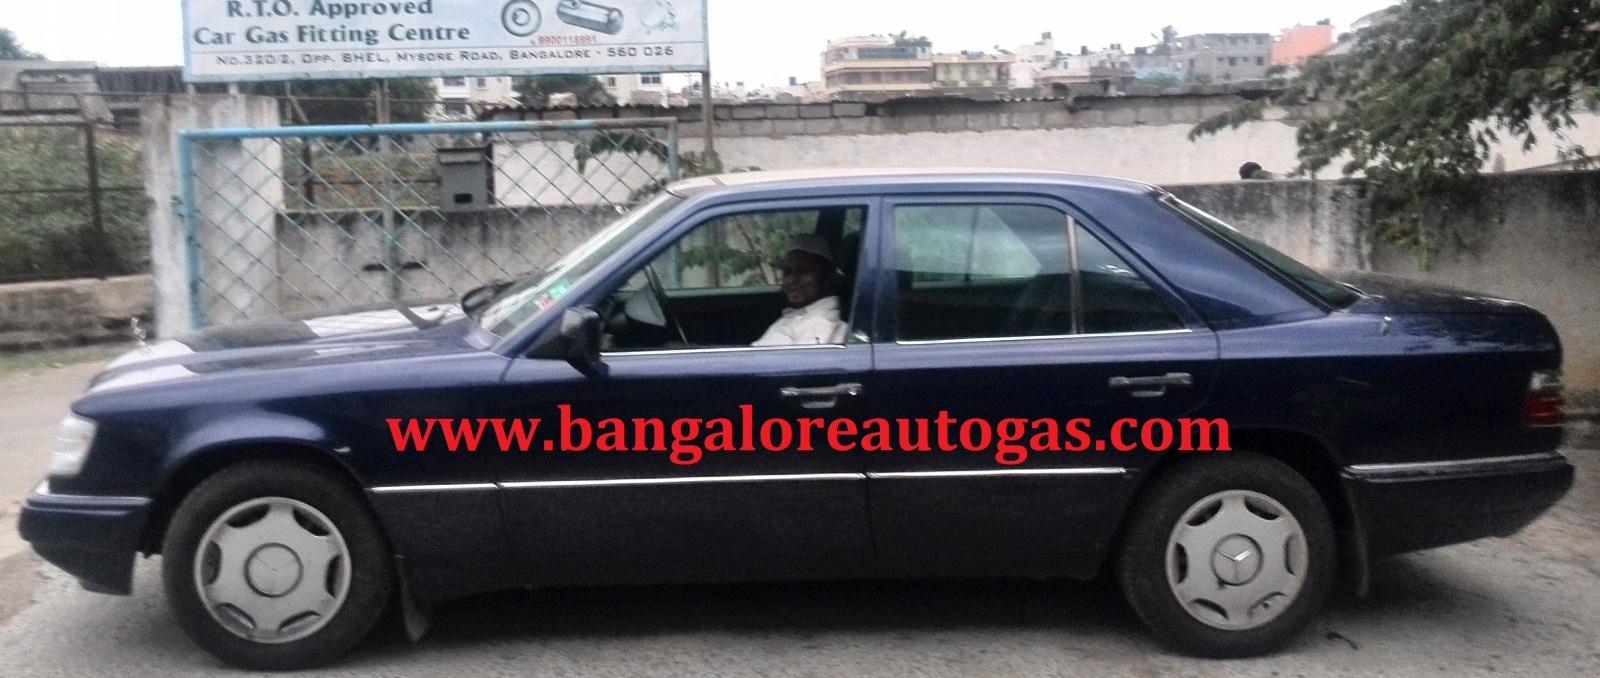 bangaloreautogas-banner